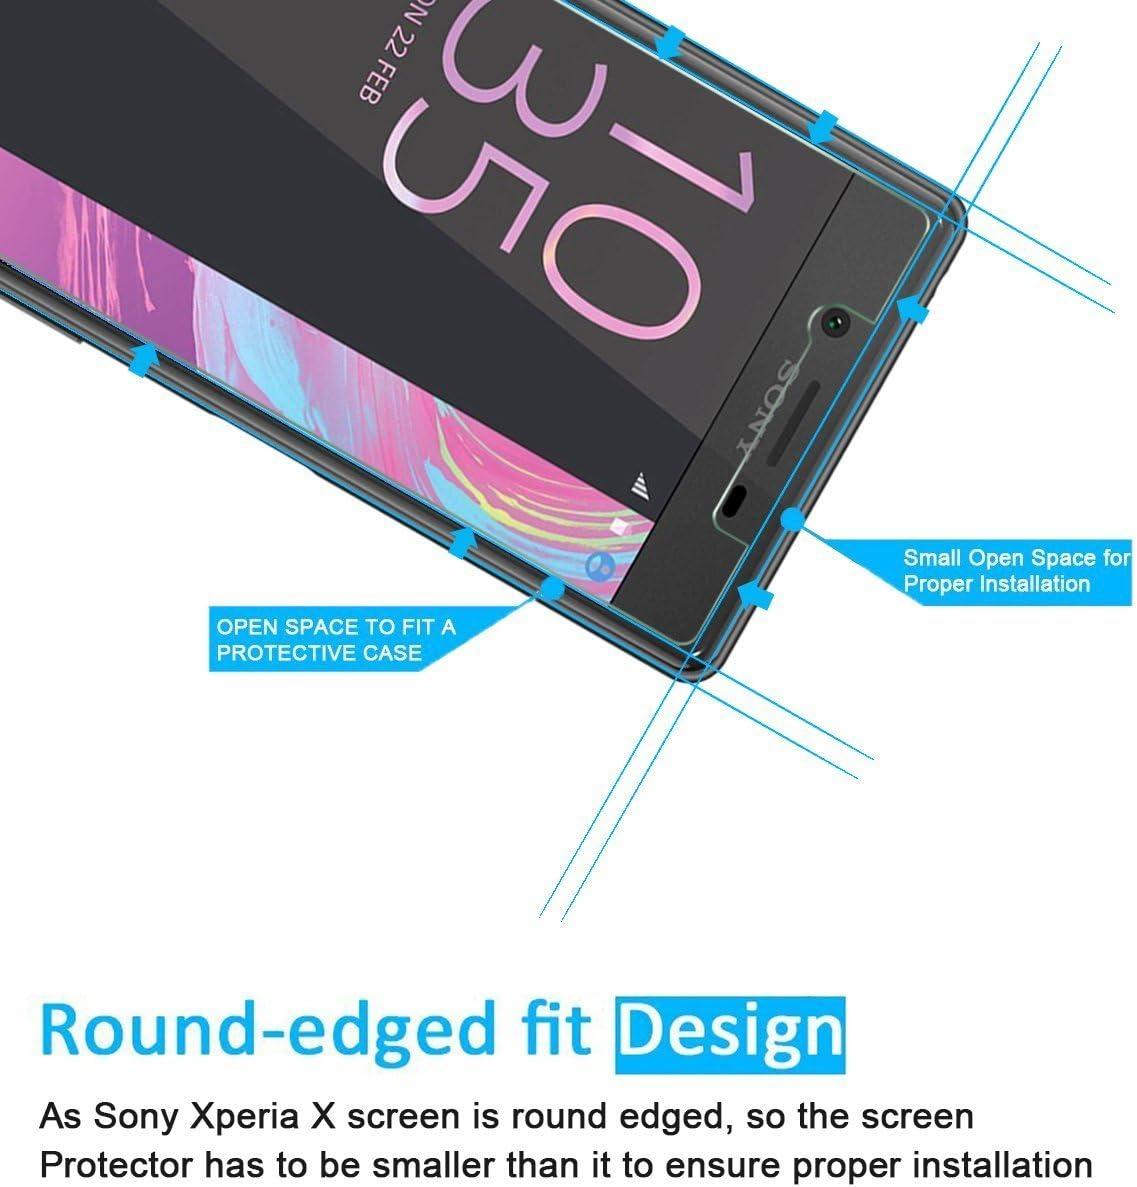 Ultra Mince Ultra R/ésistant Protection en Verre Tremp/é /Écran pour Sony Xperia X Duret/é 9H GIMTON Verre Tremp/é pour Sony Xperia X 1 Pi/èces